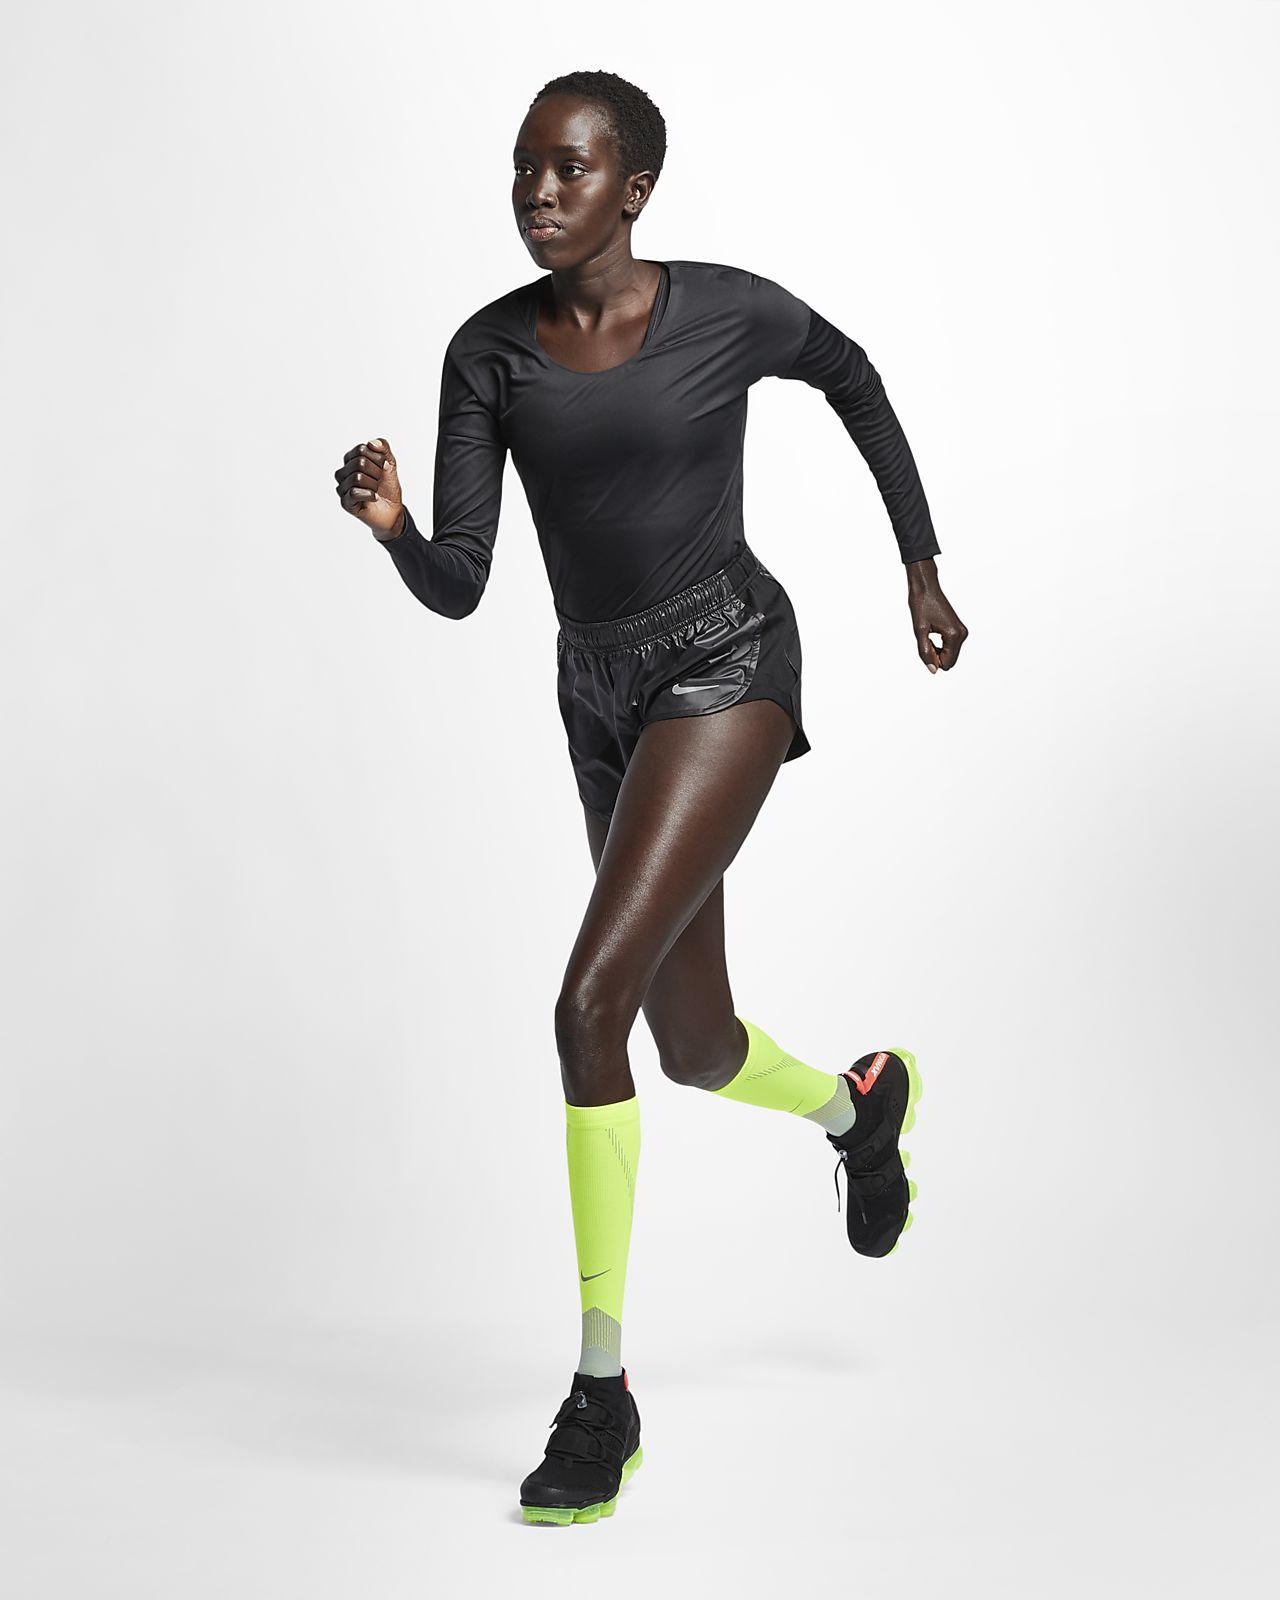 City Sleek Women's Long Sleeve Running Top   Long sleeve